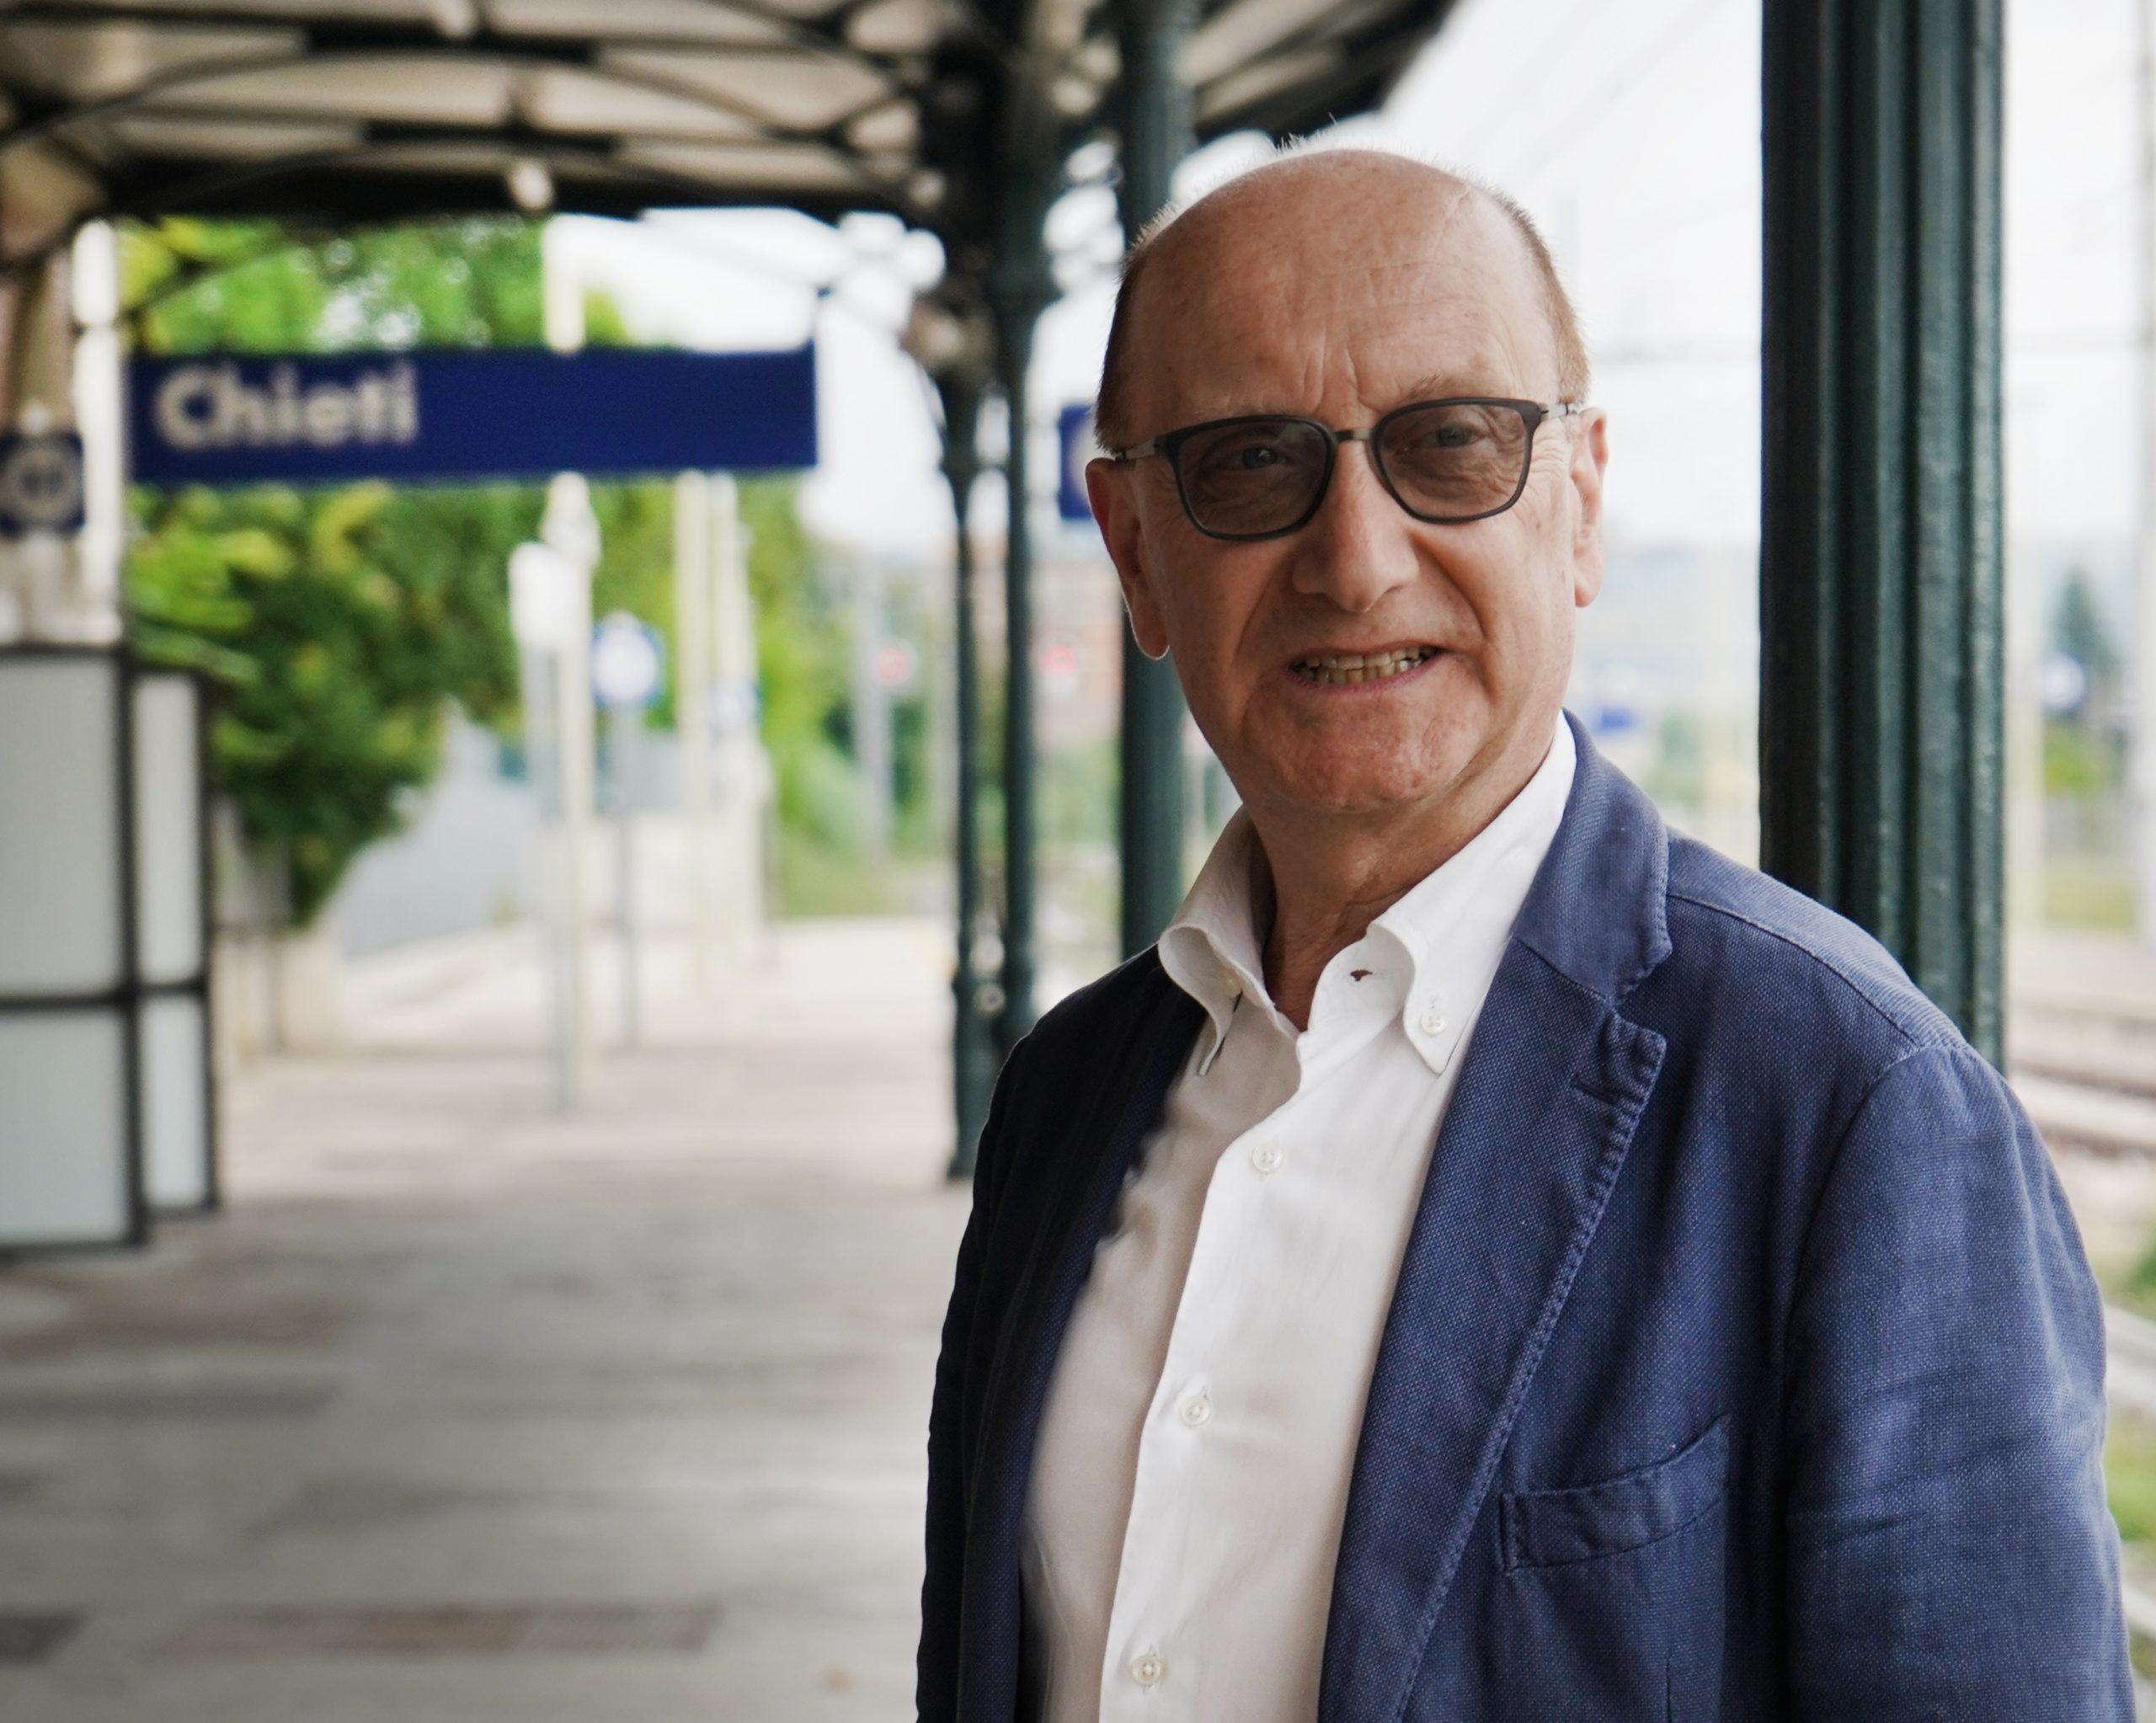 """Chieti, traffico e viabilità in tilt per nuovo asfalto. Ferrara: """"Centrodestra disperato cerca facile consenso"""""""